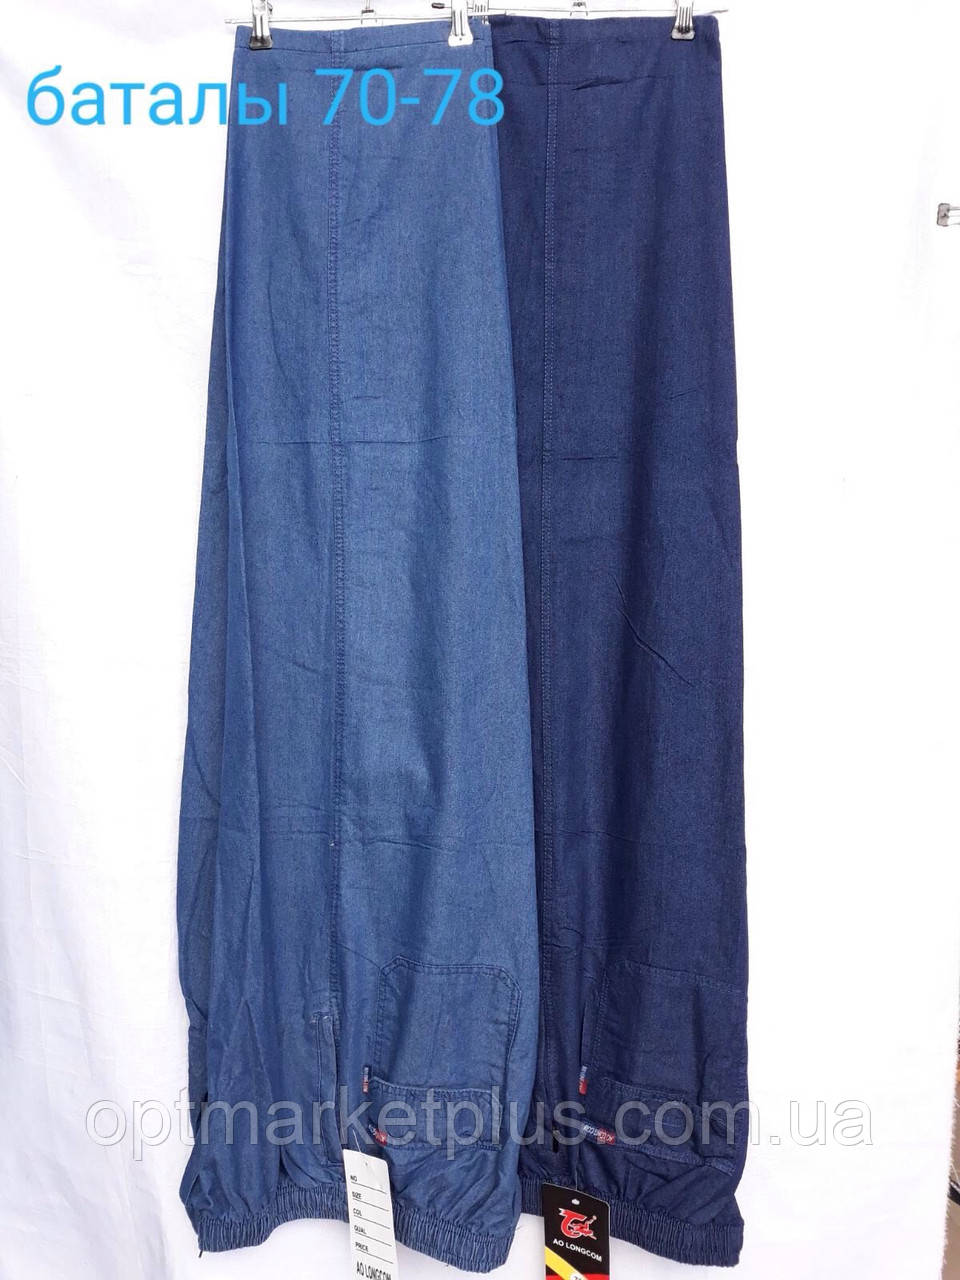 Мужские брюки спорт, тонкий джинс БАТАЛ (70-78) оптом купить от склада 7 км Одесса